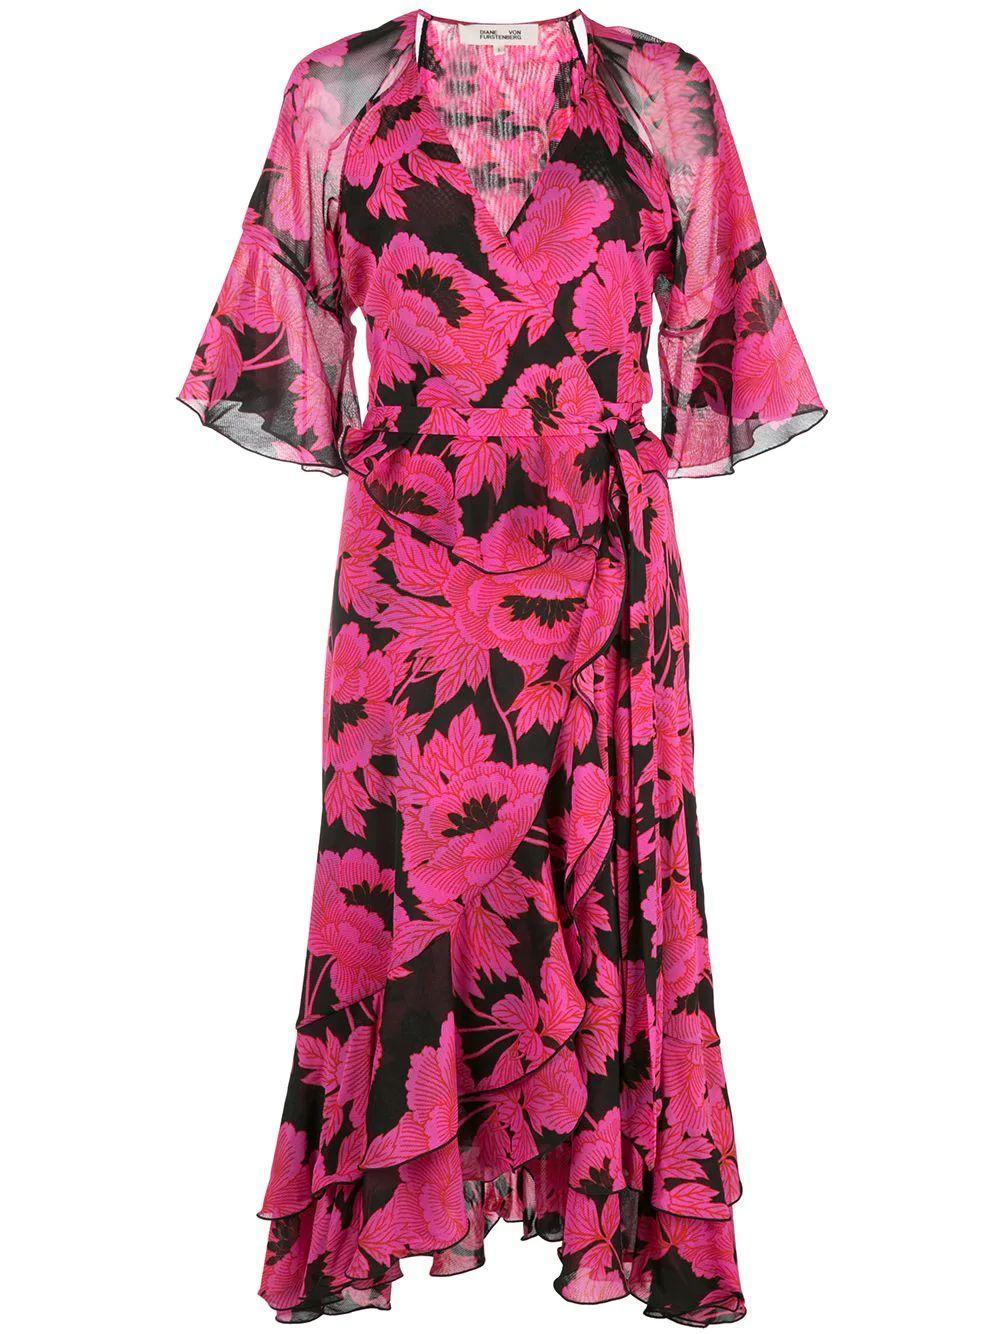 Zio Ruffle Midi Wrap Dress Item # 13418DVF